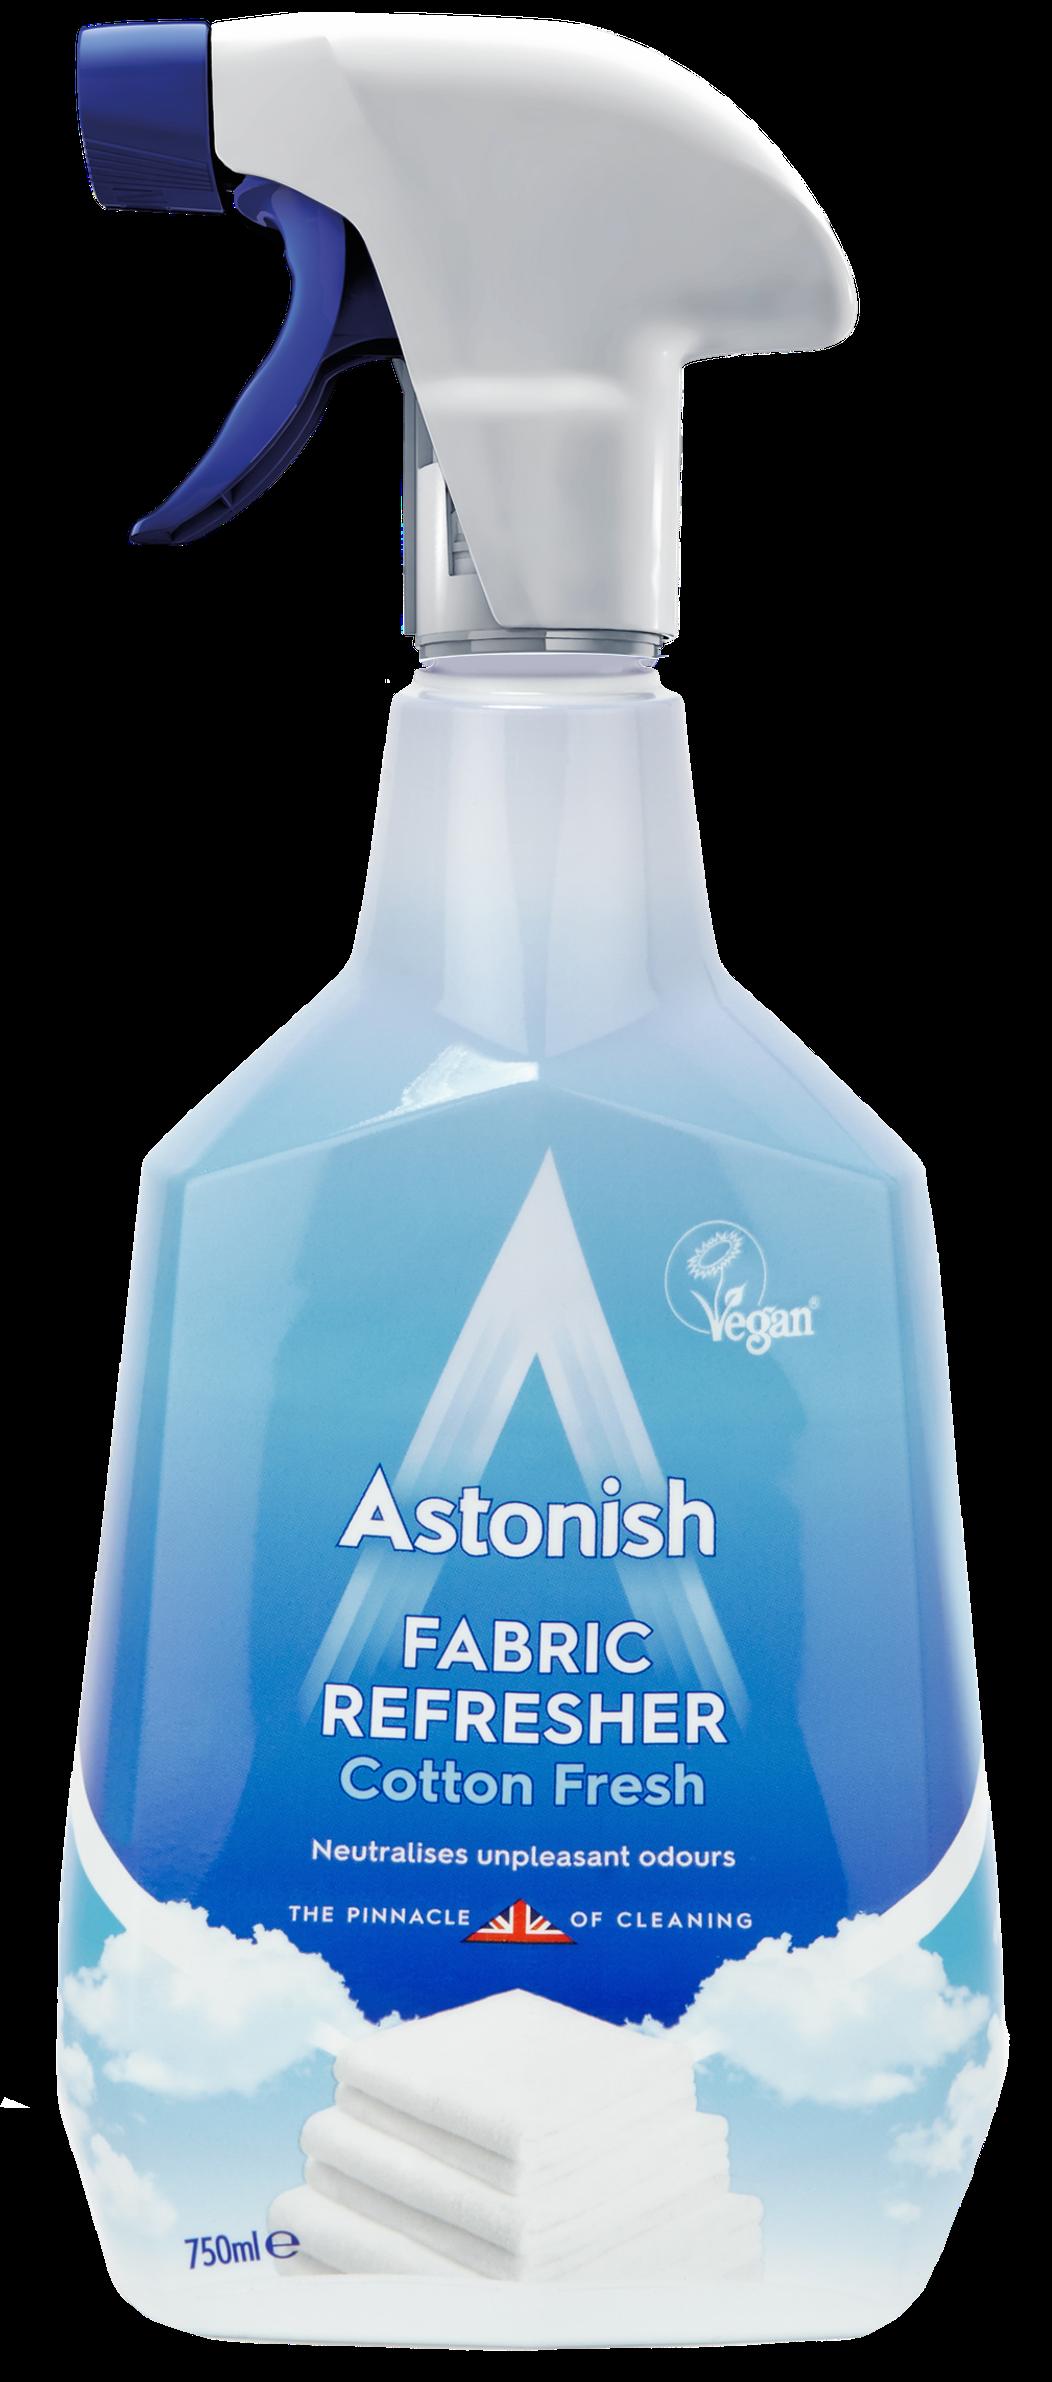 Astonish Fabric Refresher